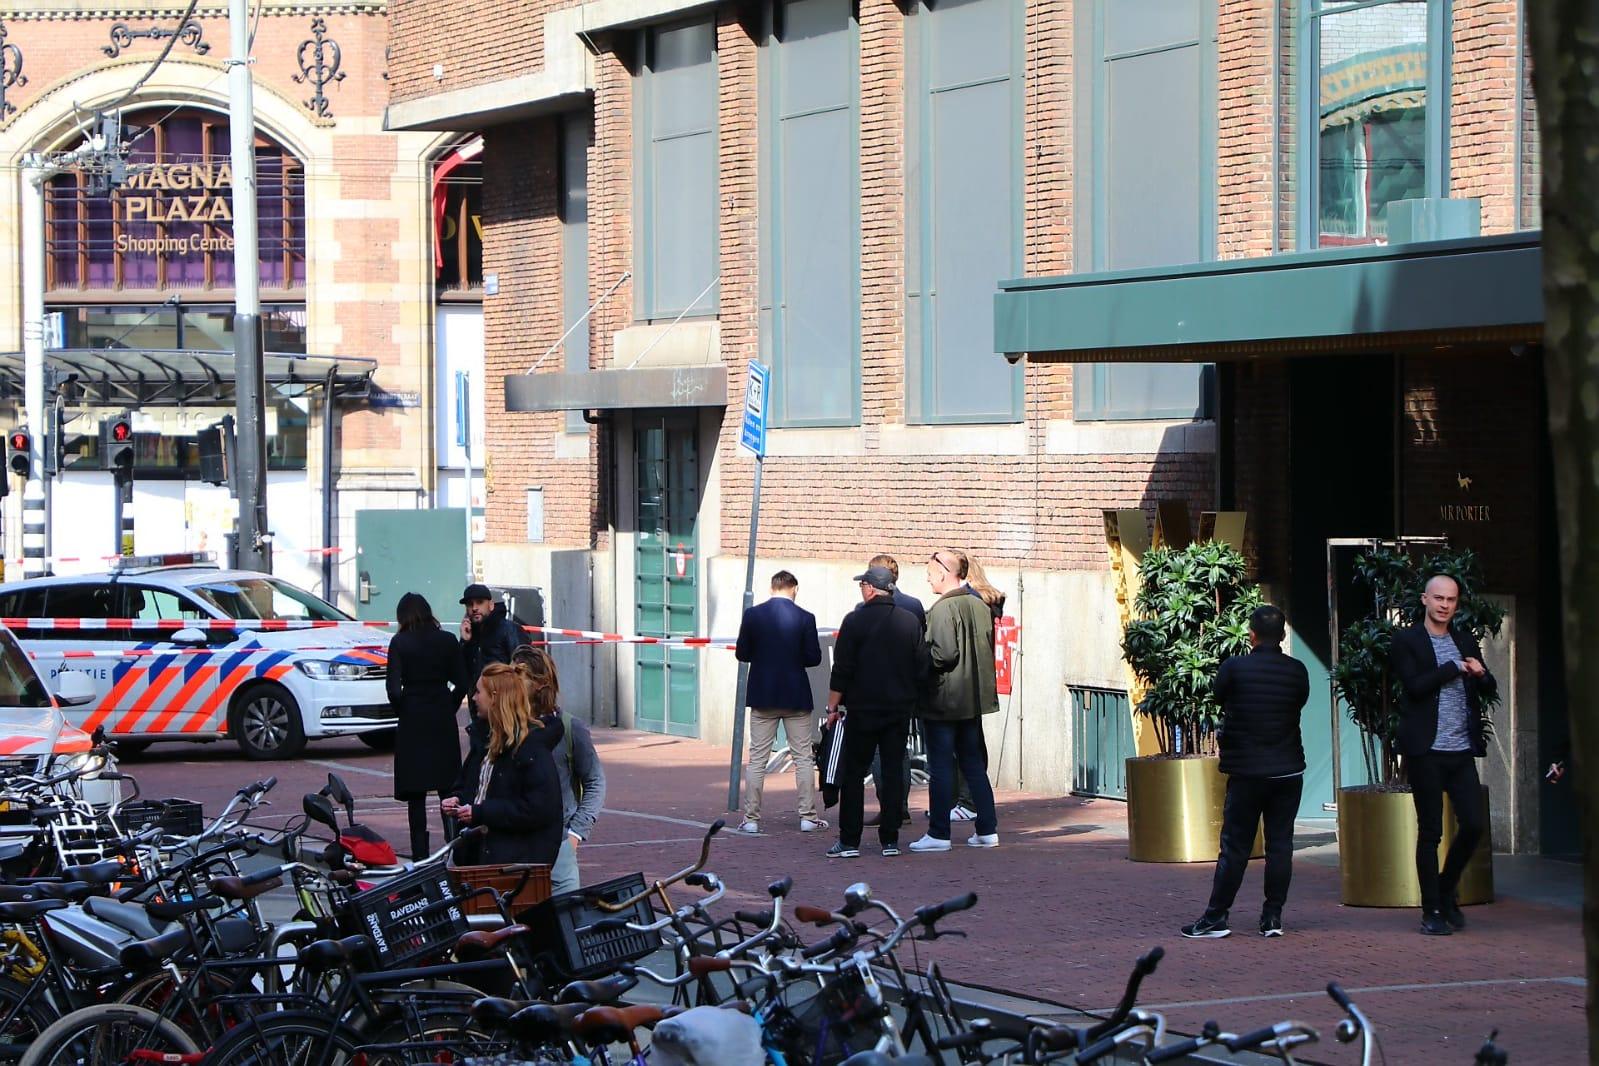 Club Mad Fox per direct gesloten na explosie